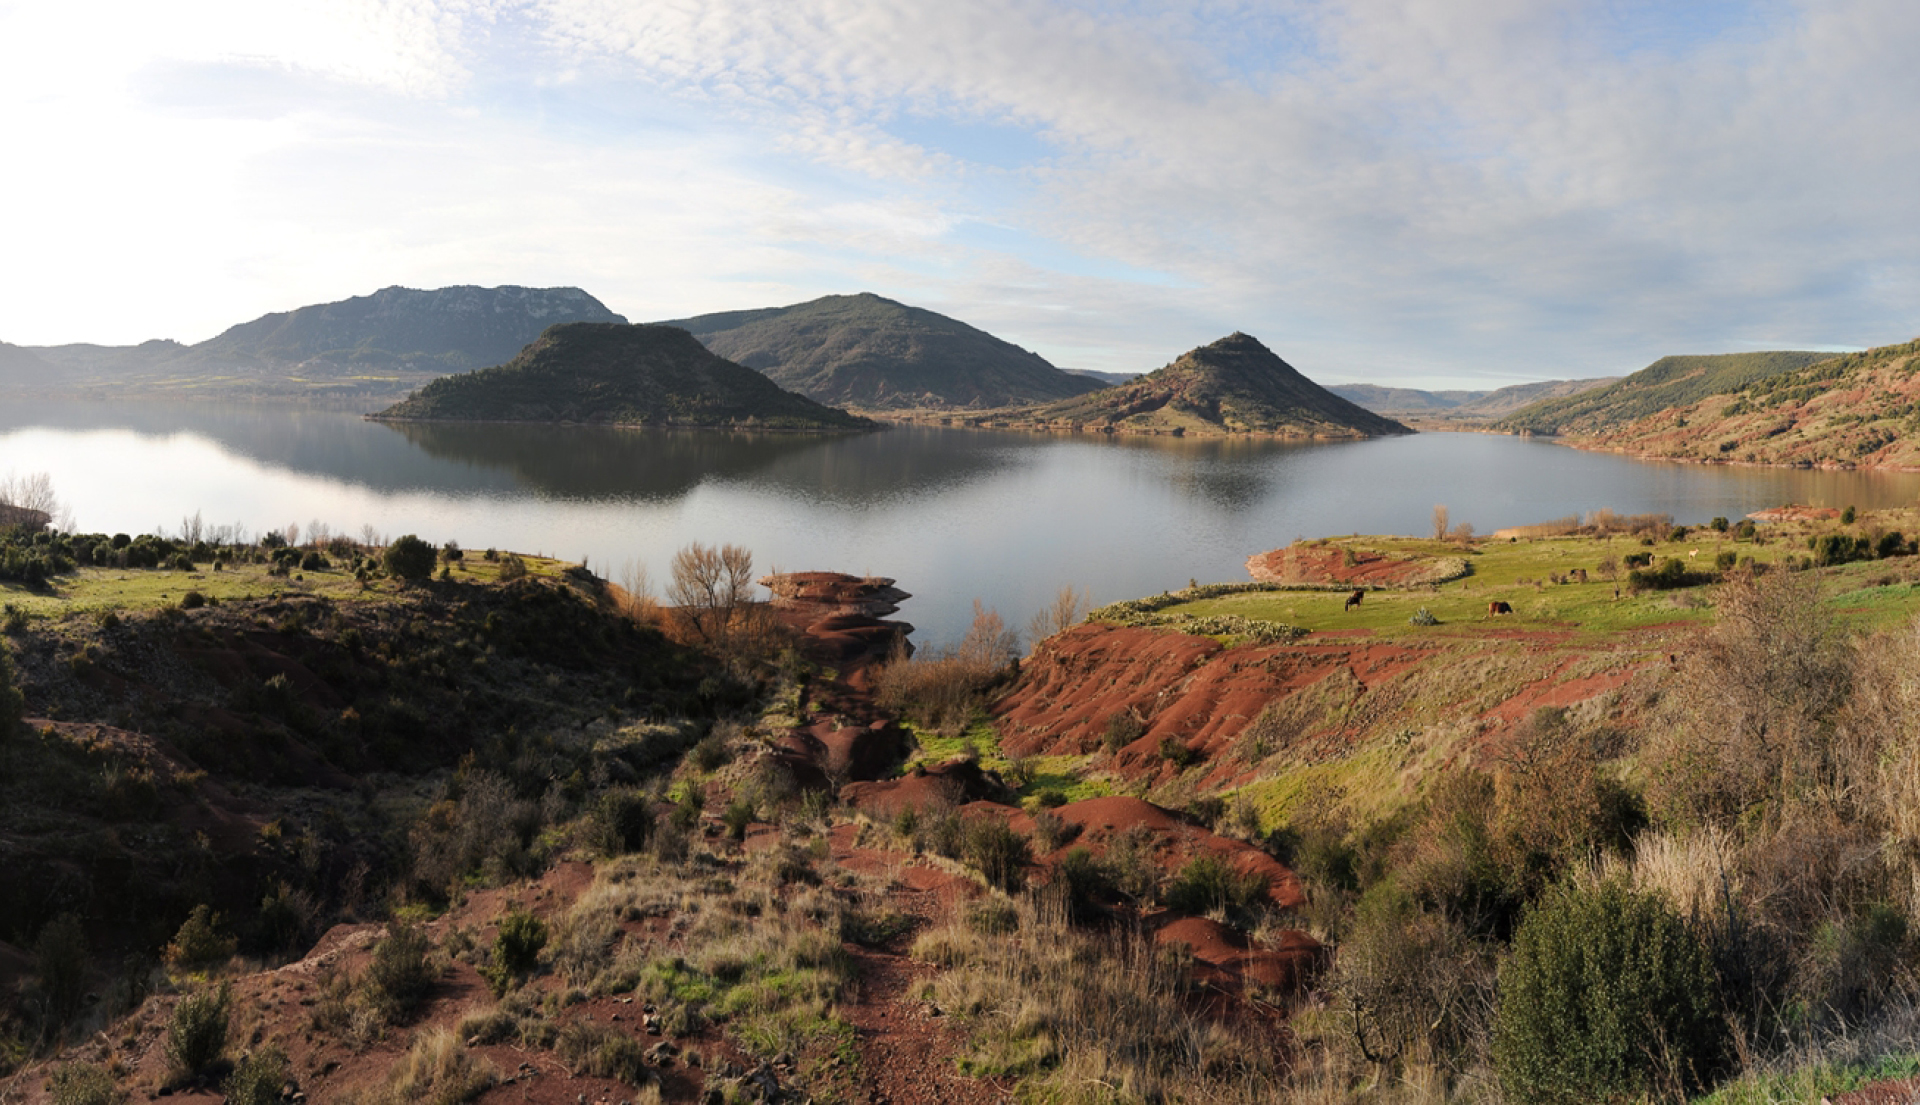 Lac du Salagou - Grand Sie Salagou - Cirque de Mourèze